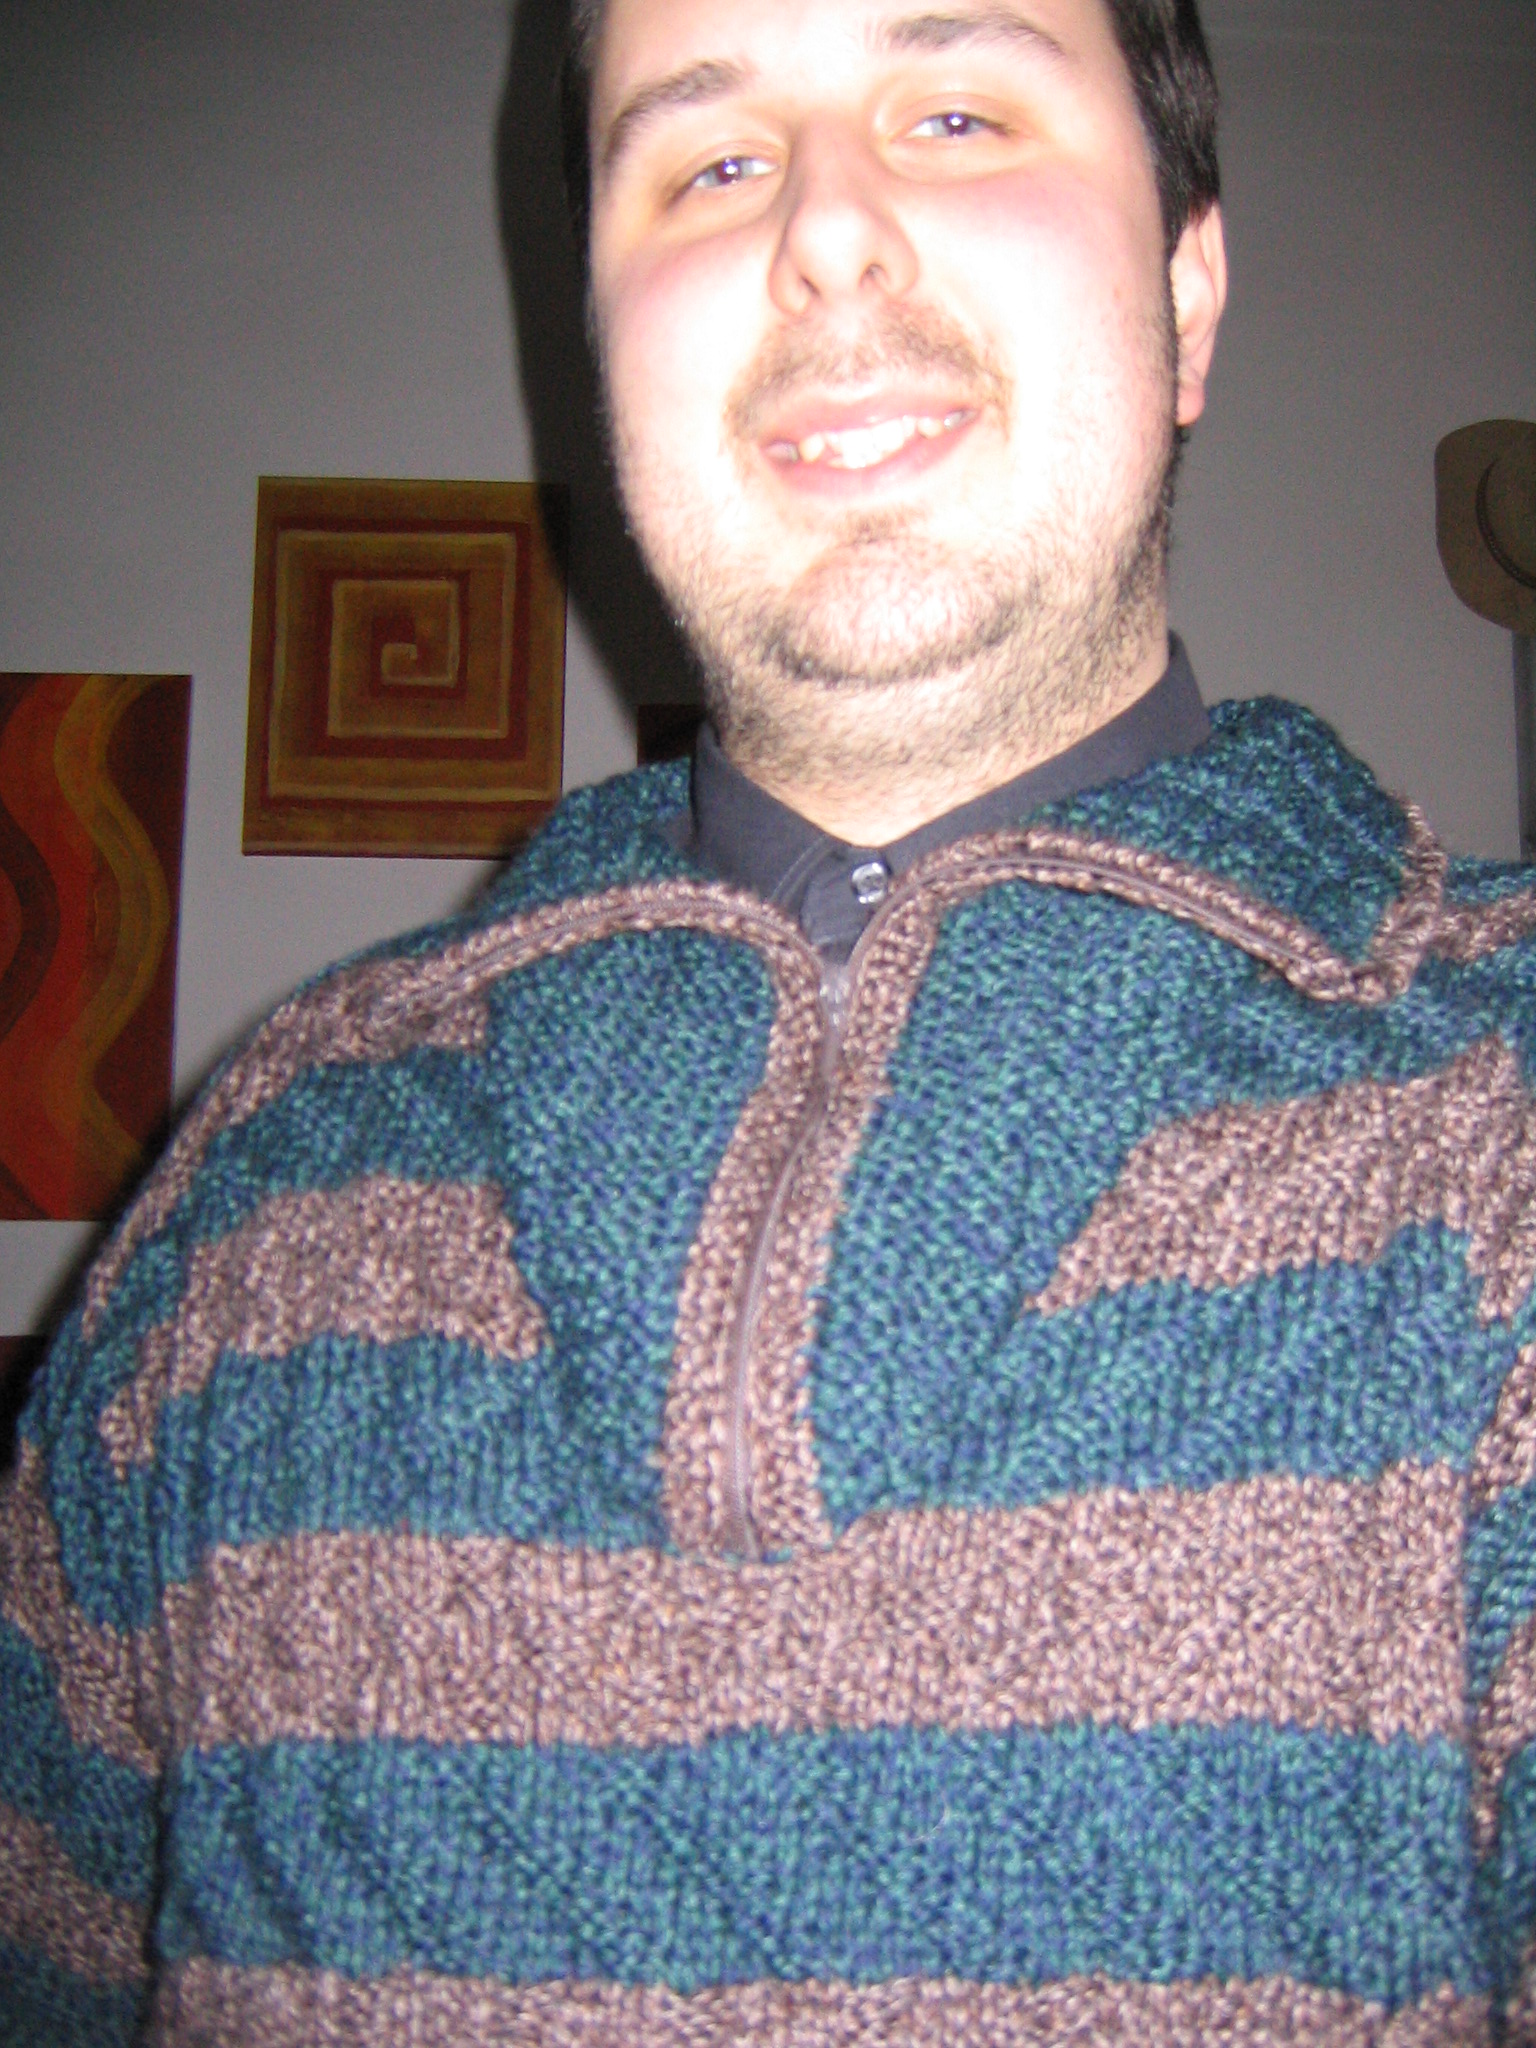 pullover.JPG